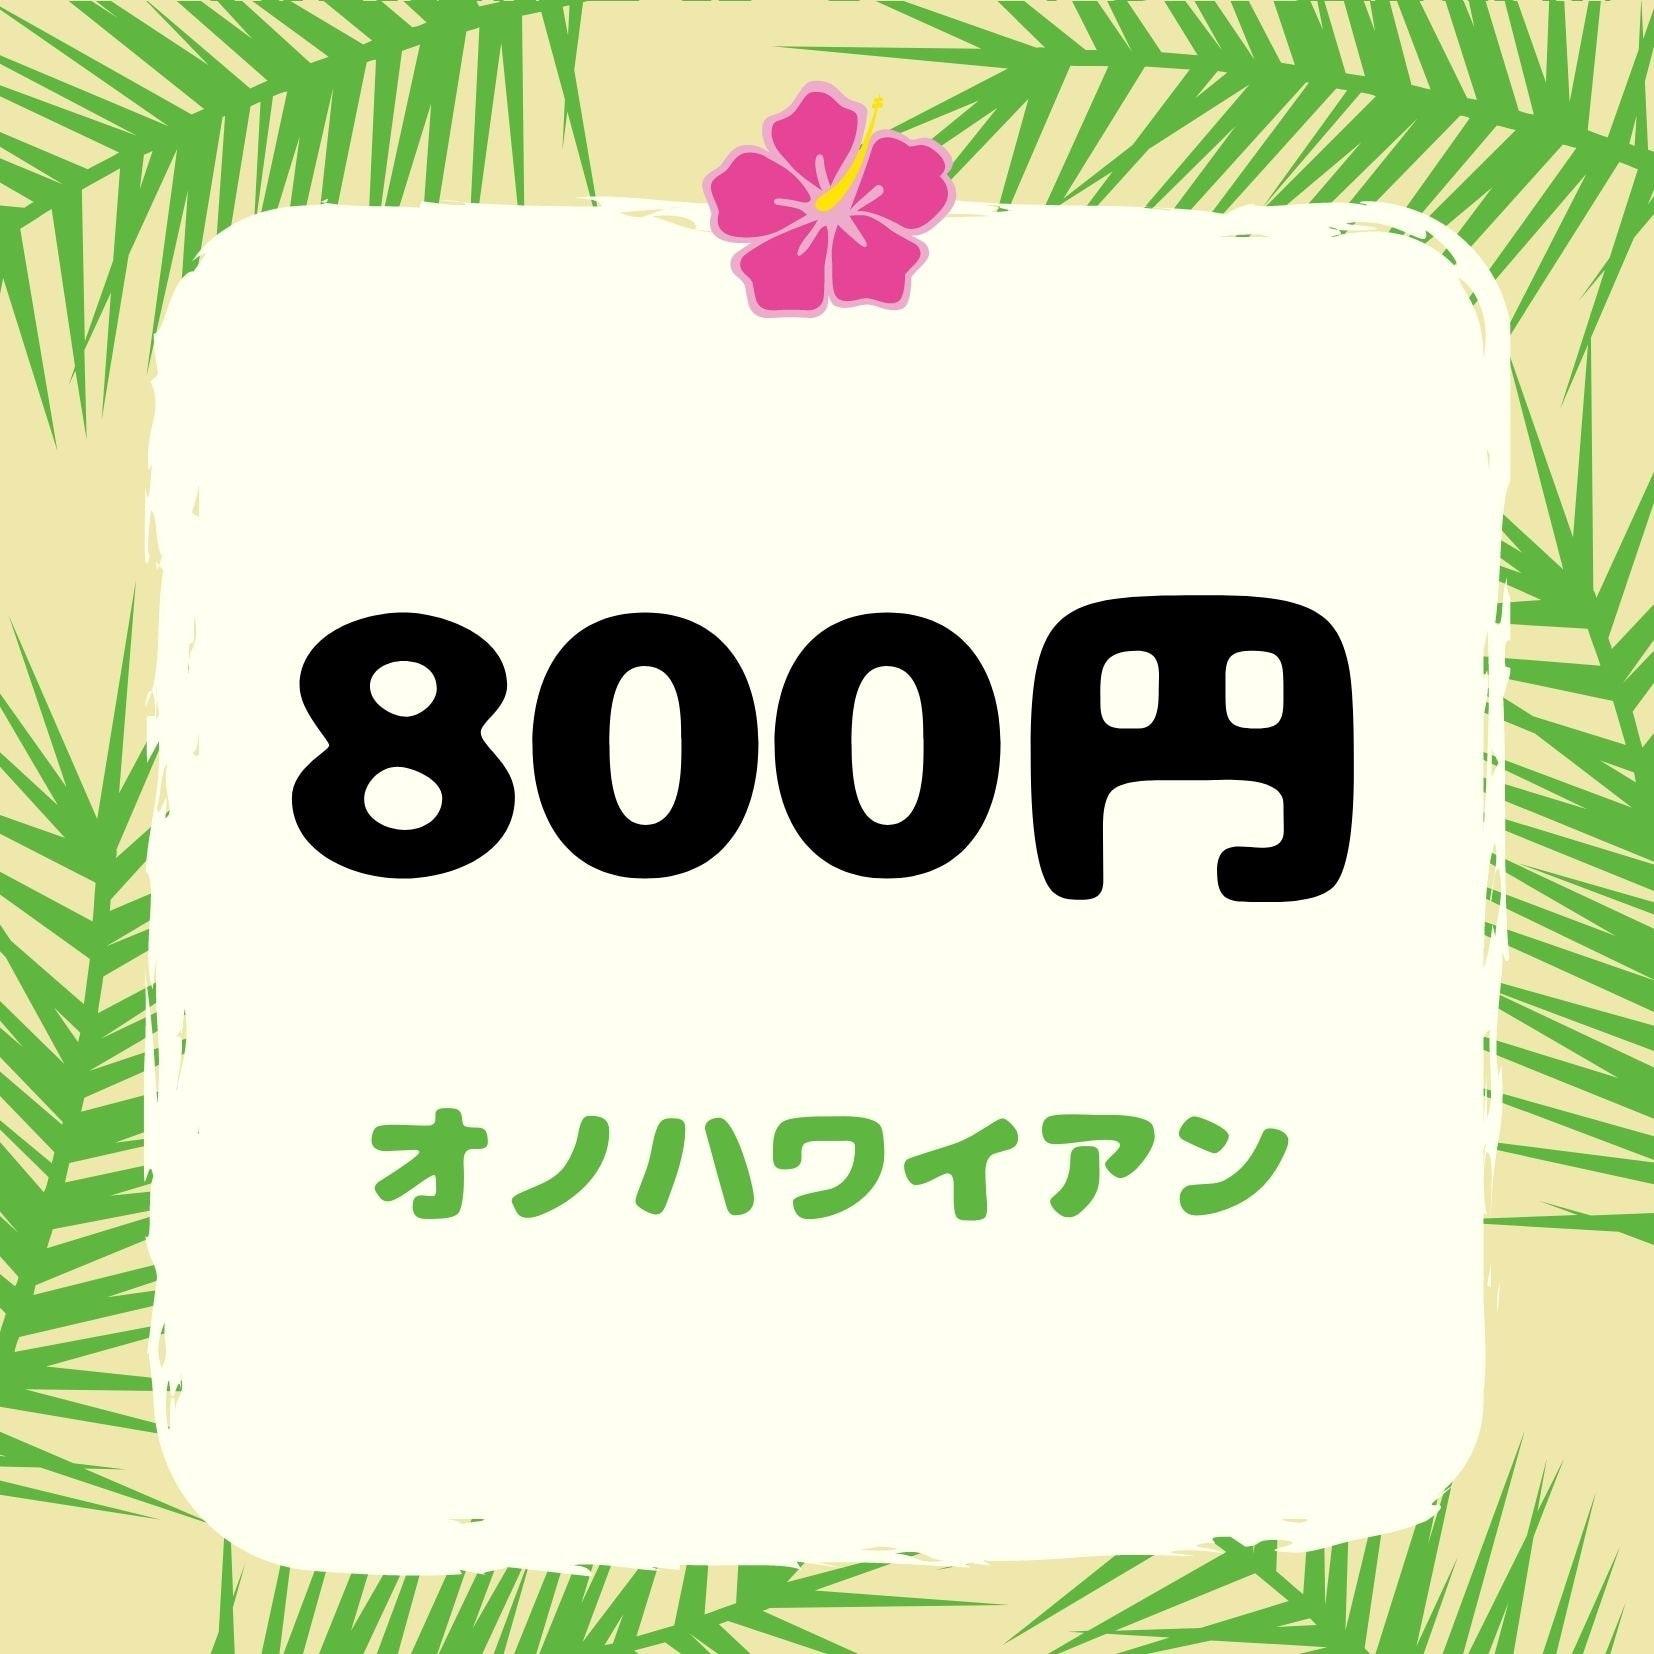 800円【店頭払い専用】ランチ、パンケーキ、ウインナー、波花等のイメージその1